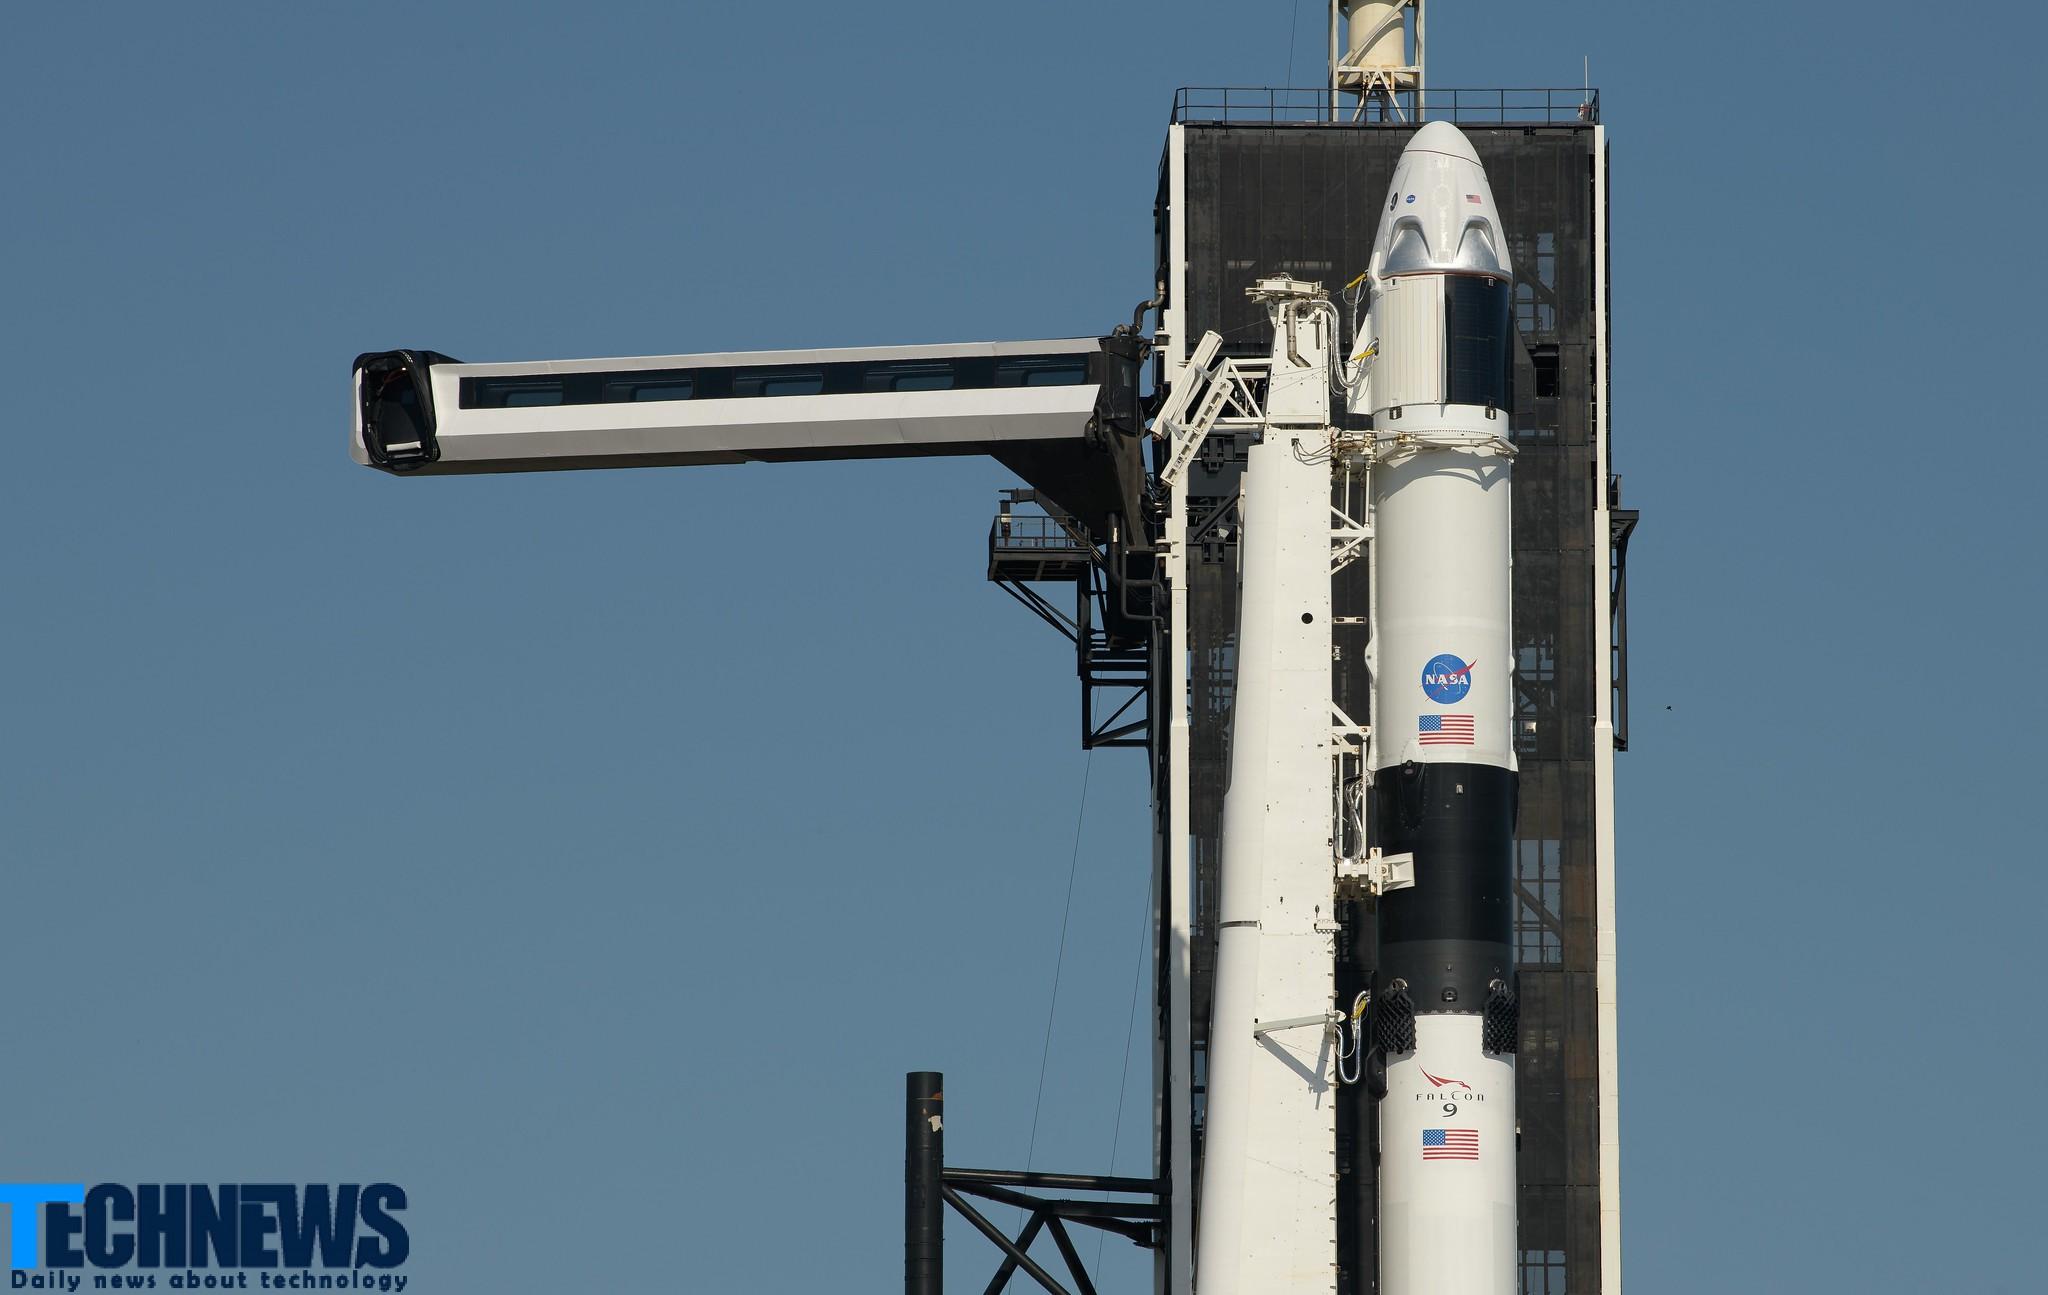 ناسا از رسانههای بینالمللی برای تماشای دومین پرتاب کپسول دراگون دعوت کرد